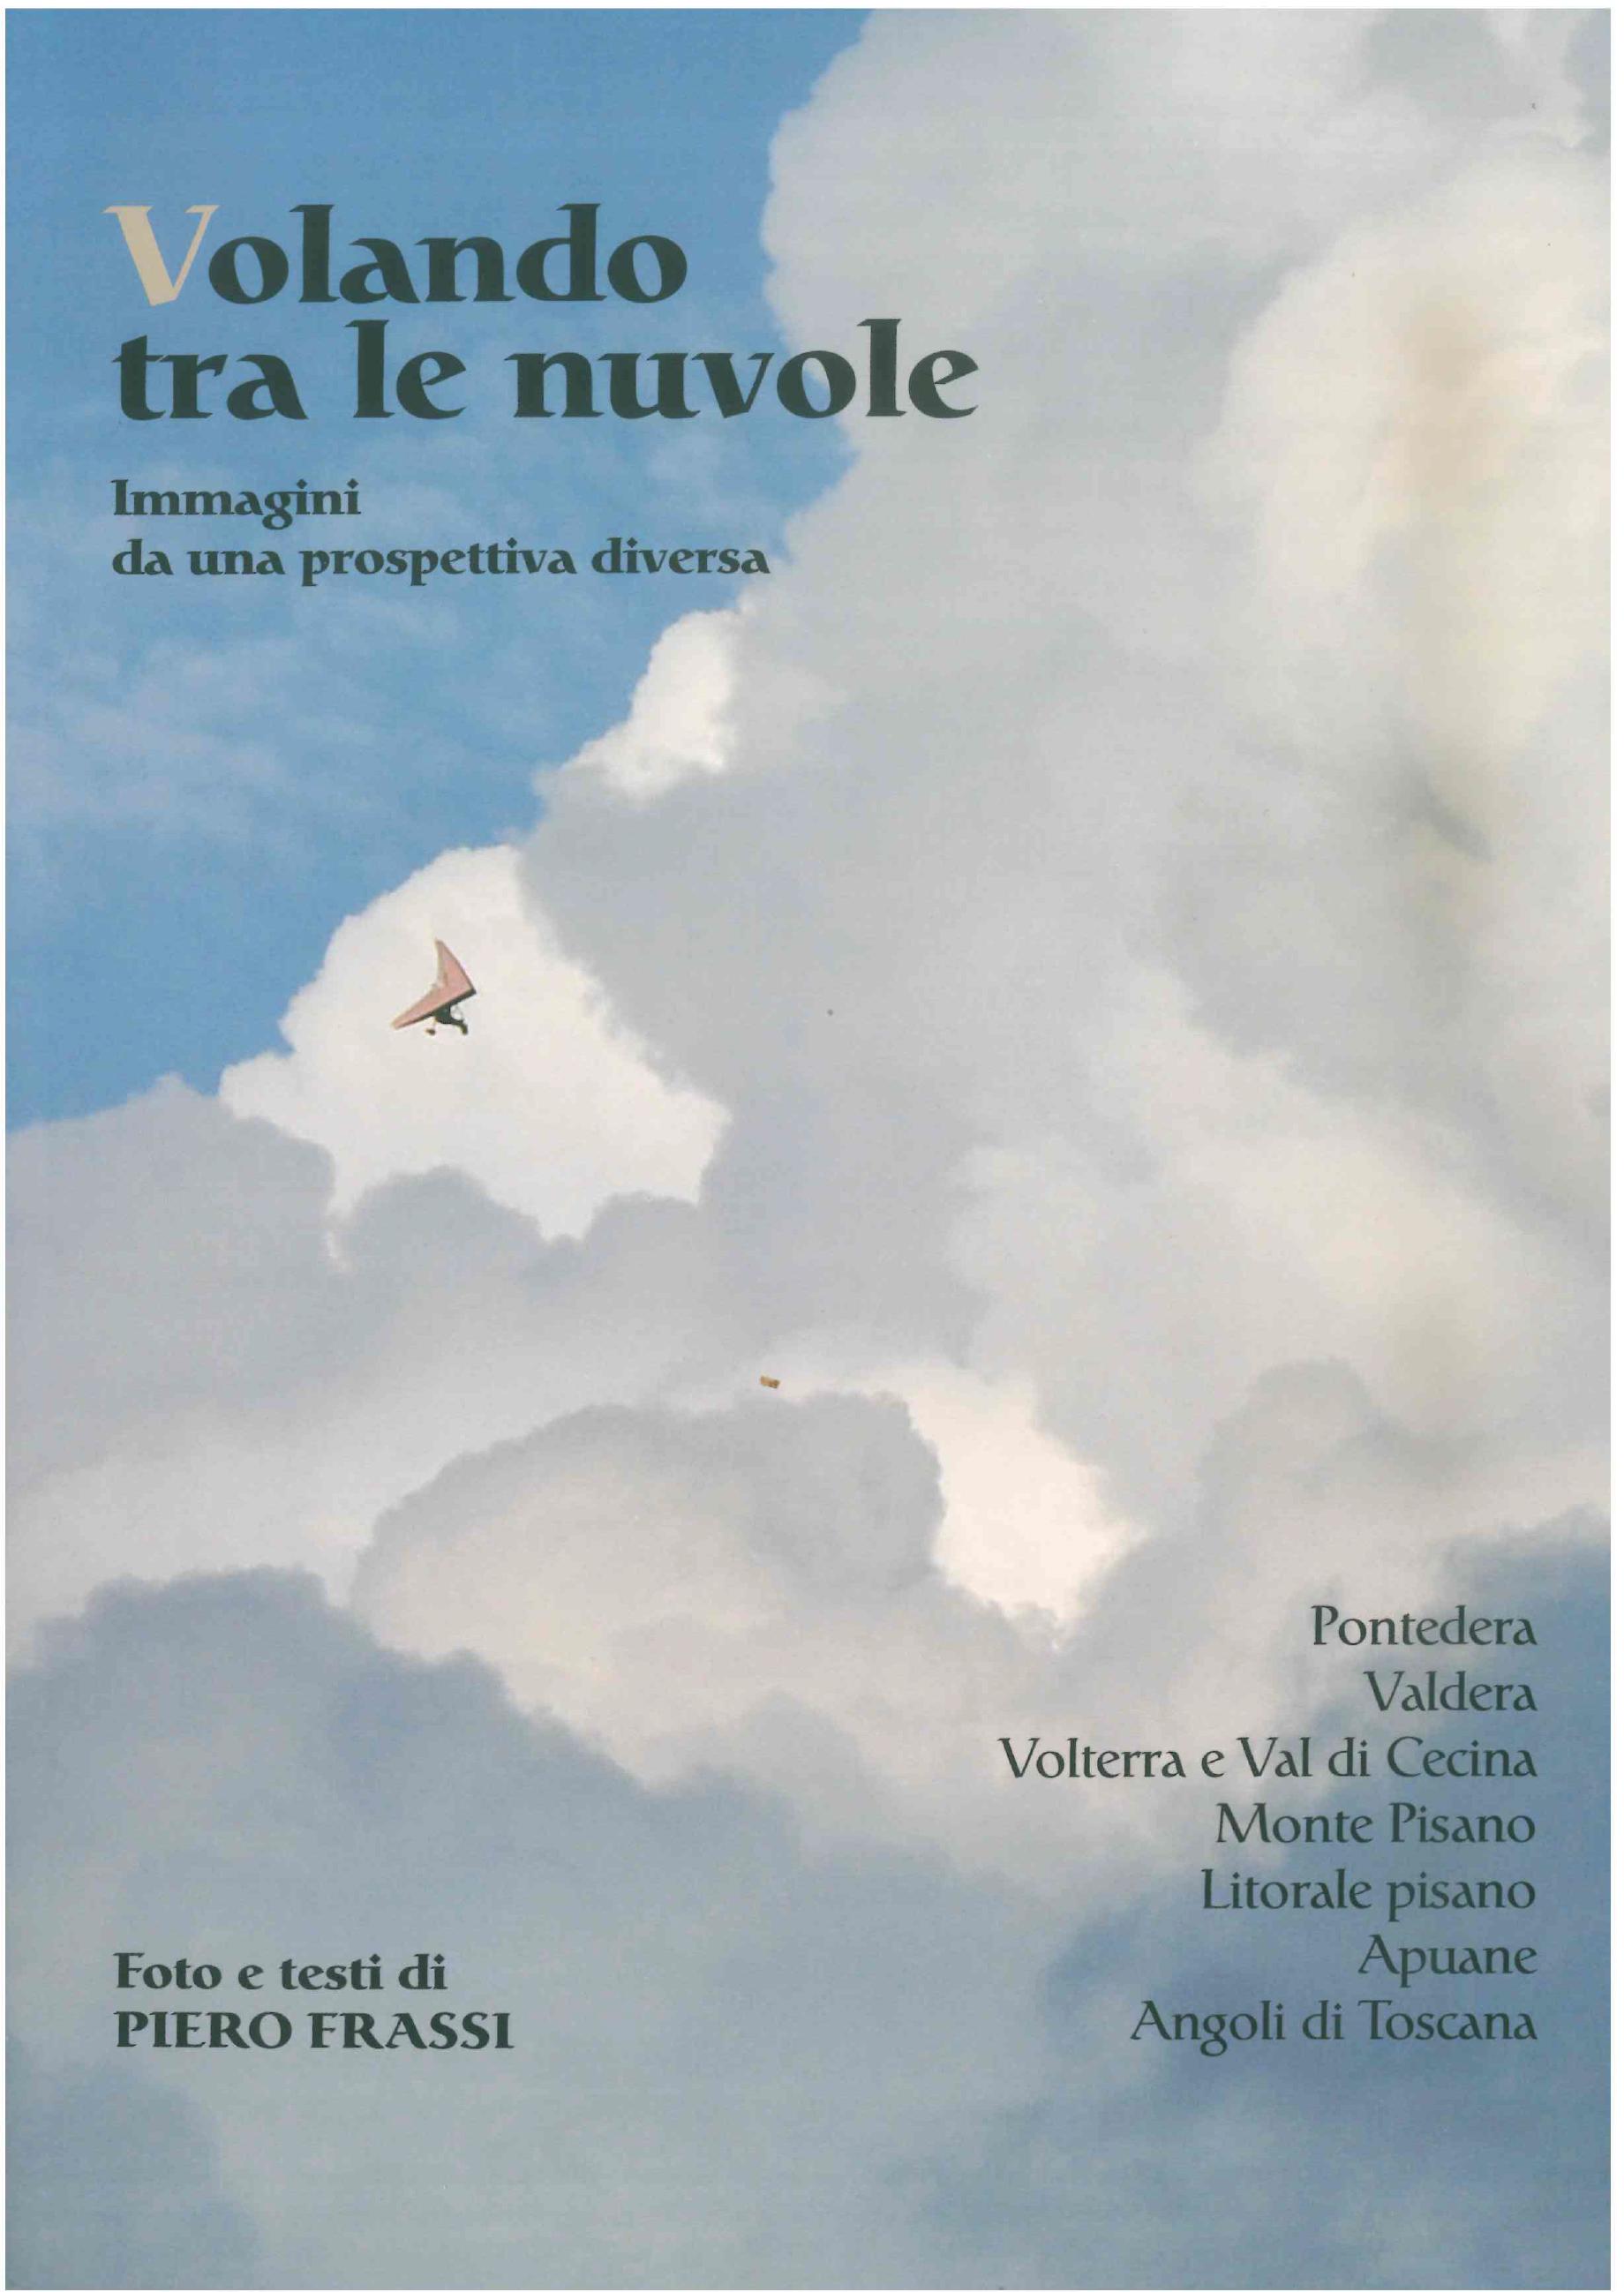 Volando tra le nuvole